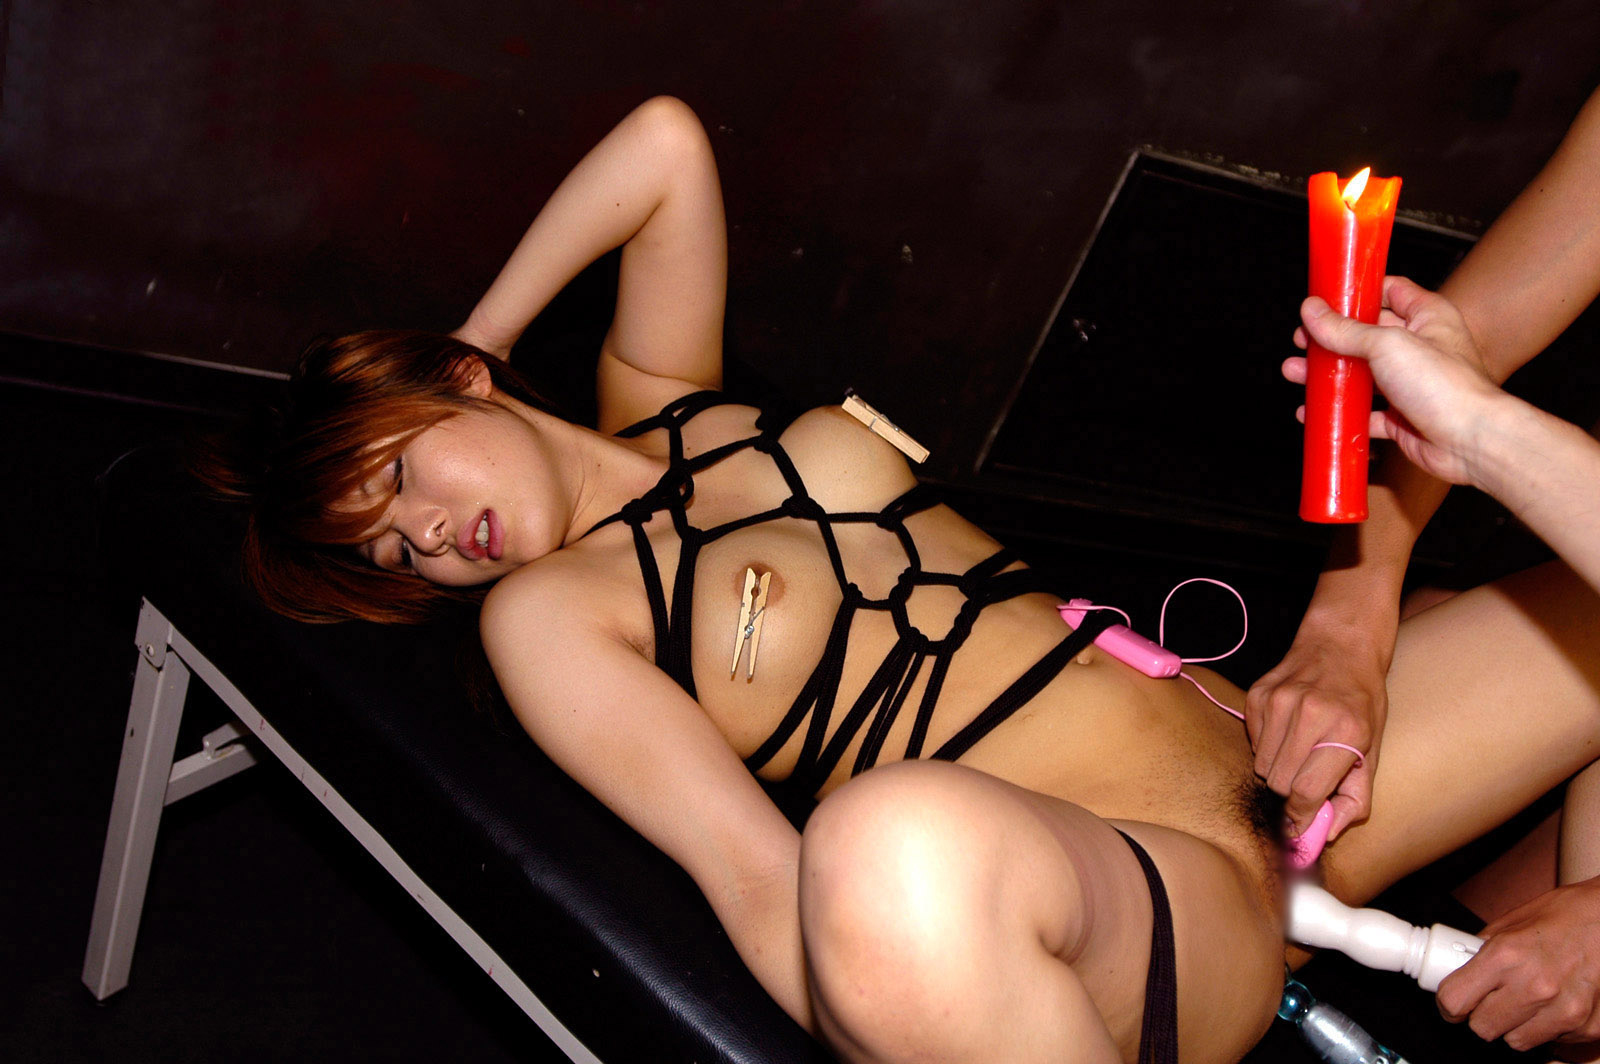 【SMエロ画像】熱さ加減はお好みでw縛られると飛び上がれない熱蝋拷問www 21